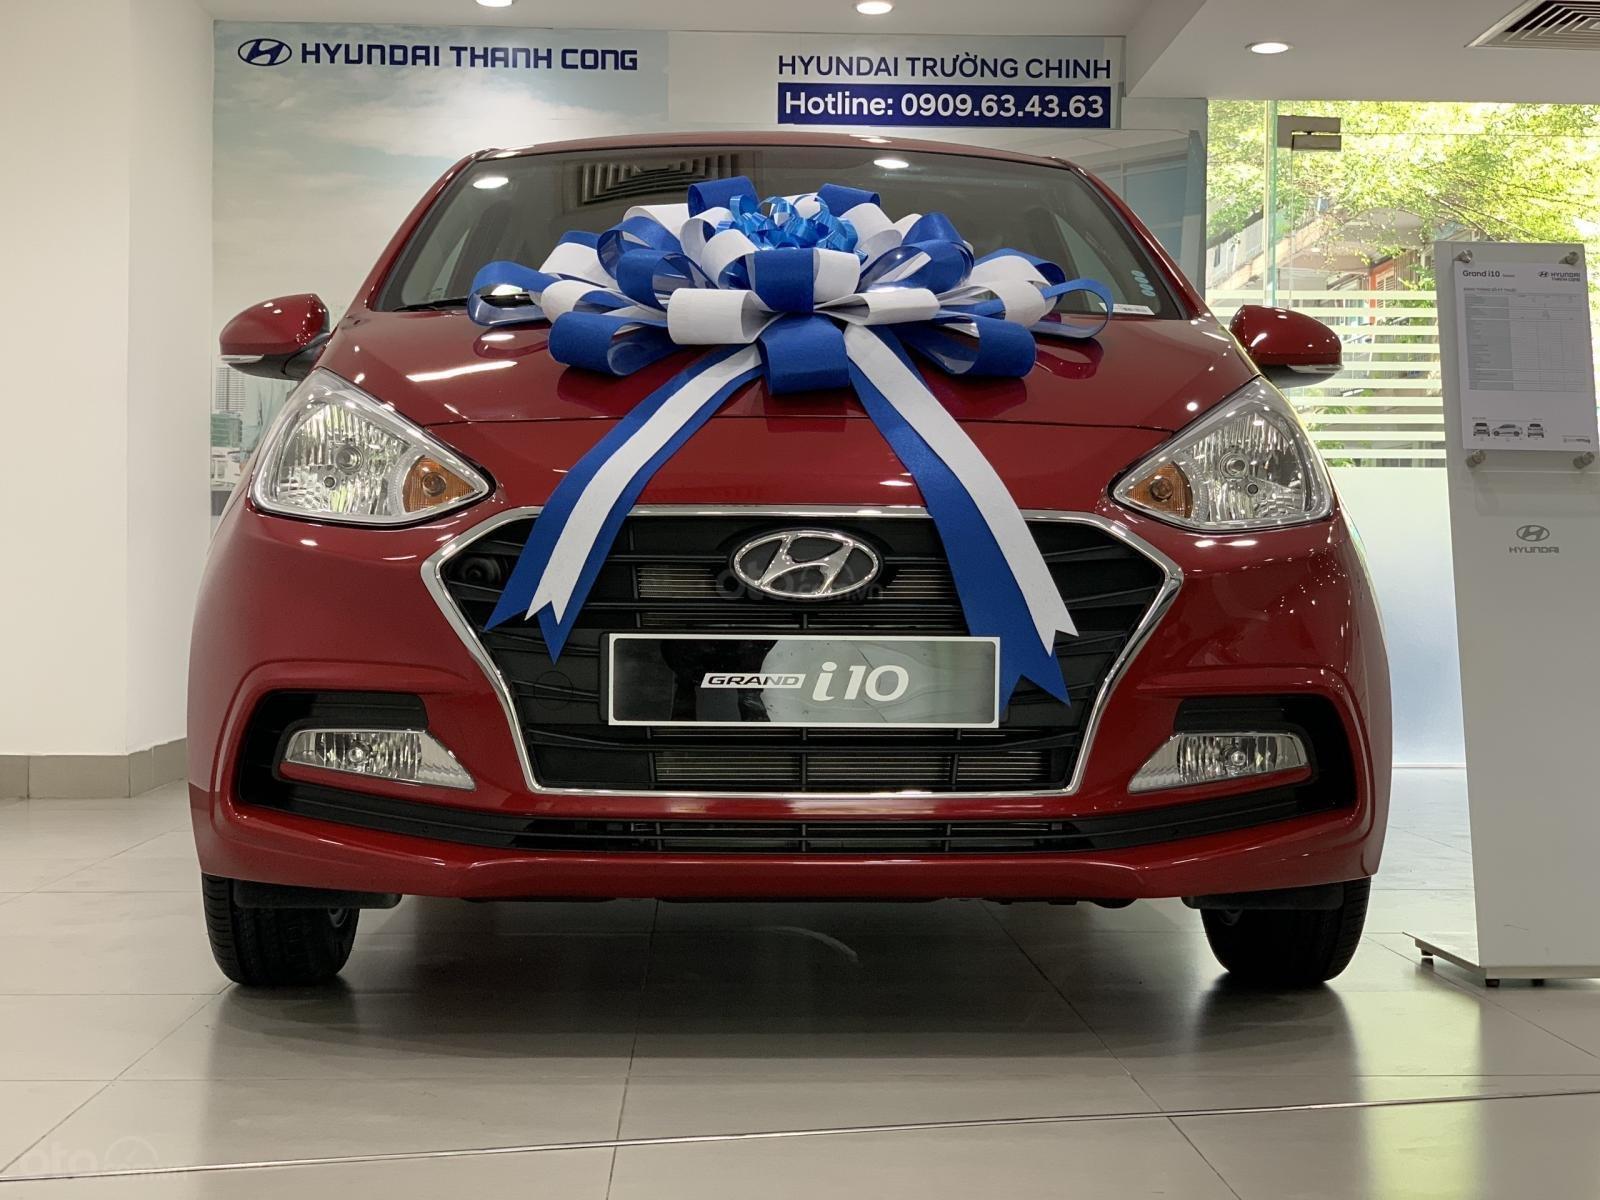 Hyundai Grand i10 sedan MT đỏ nhận xe ngay chỉ với 130tr, hỗ trợ đăng ký Grab, tặng bộ PK cao cấp, hỗ trợ vay trả góp (3)